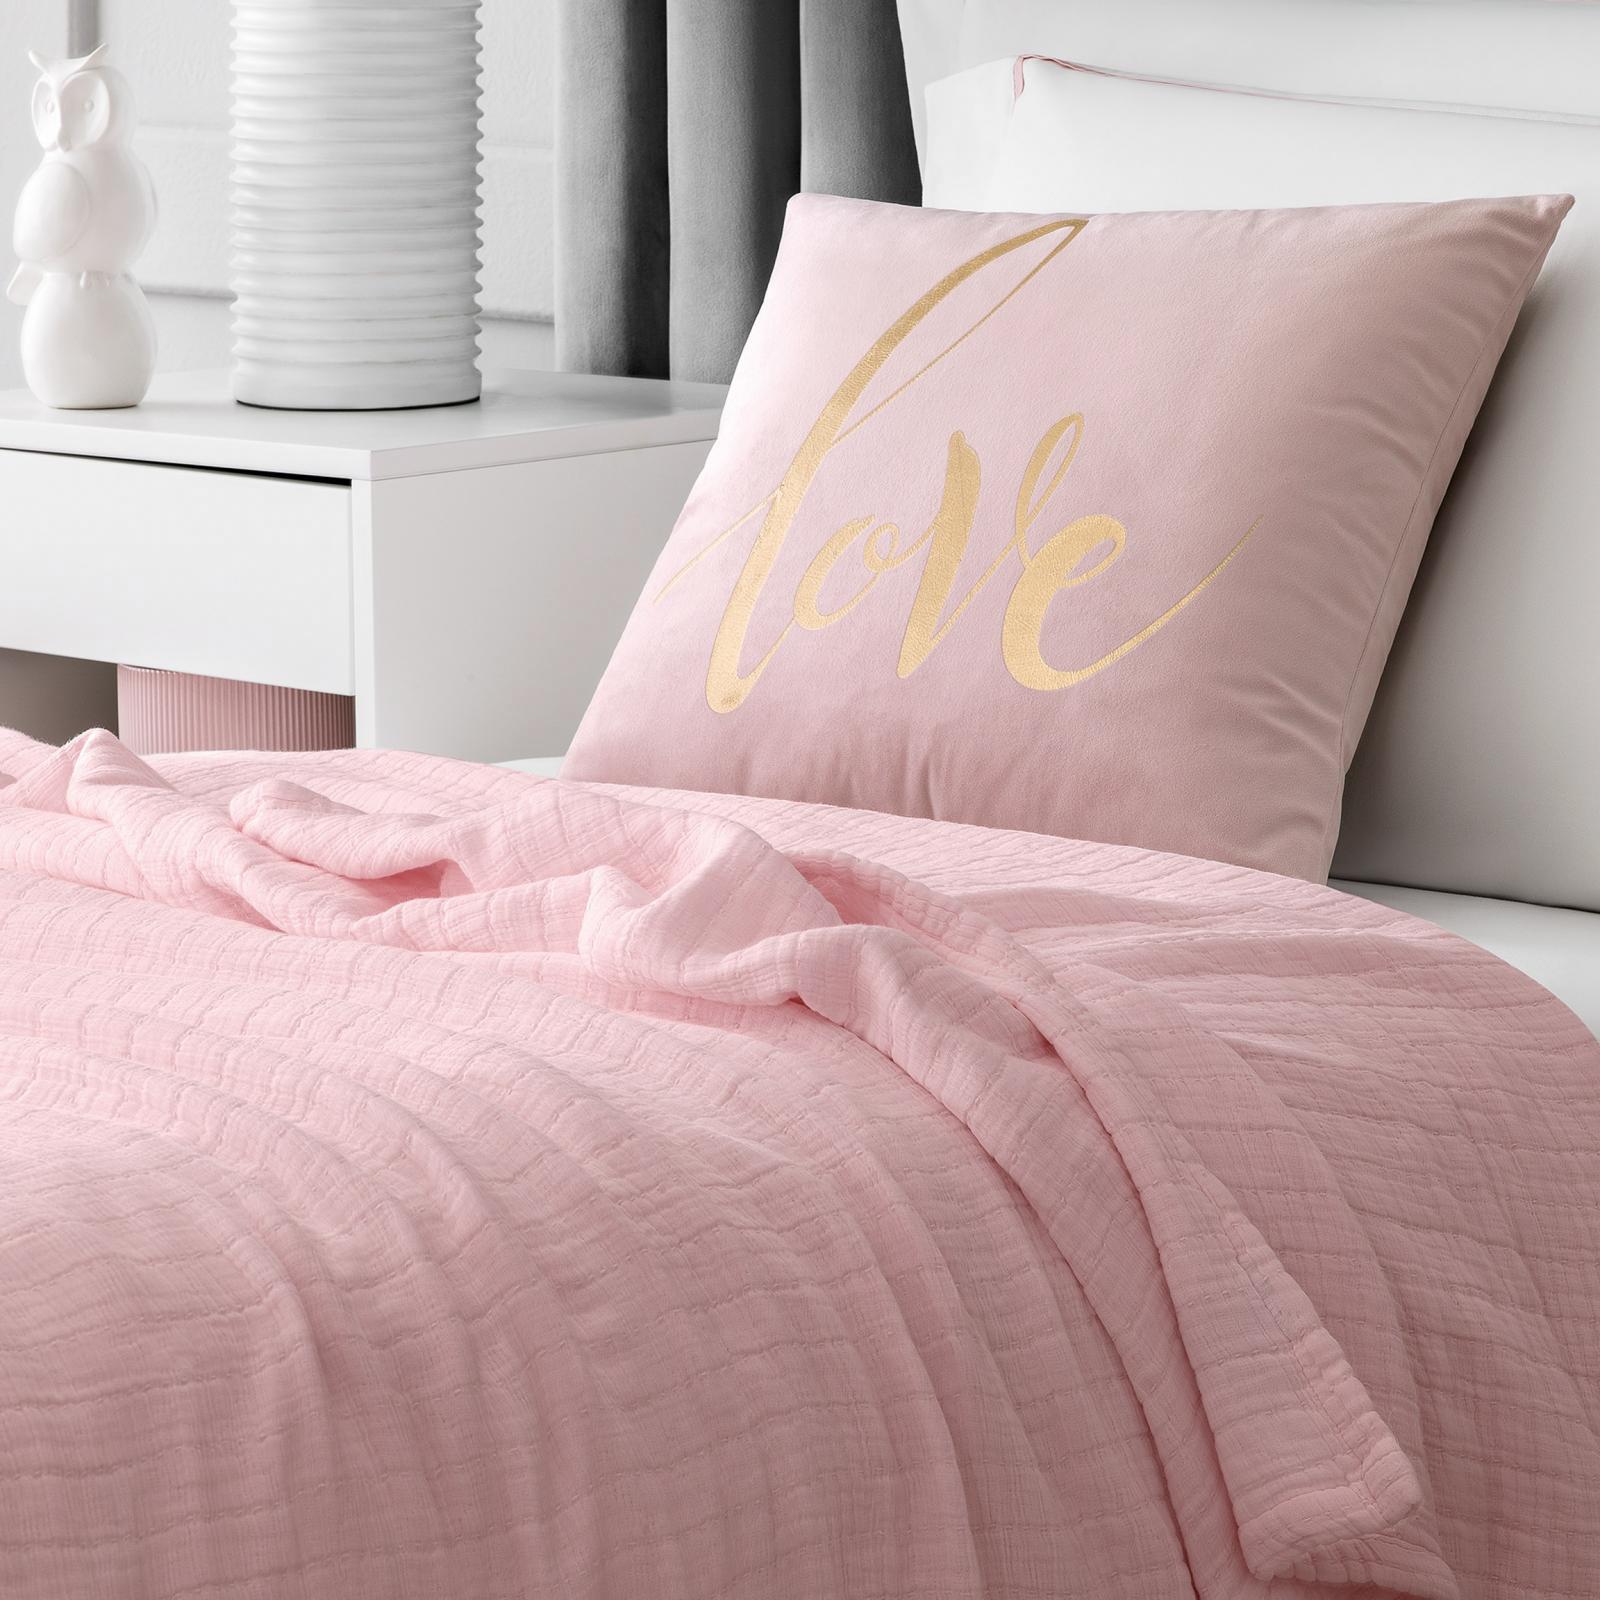 Фото - Покрывало Togas Трейси розовое 100х140 см коврик для ванной togas дорис розовое 60x90